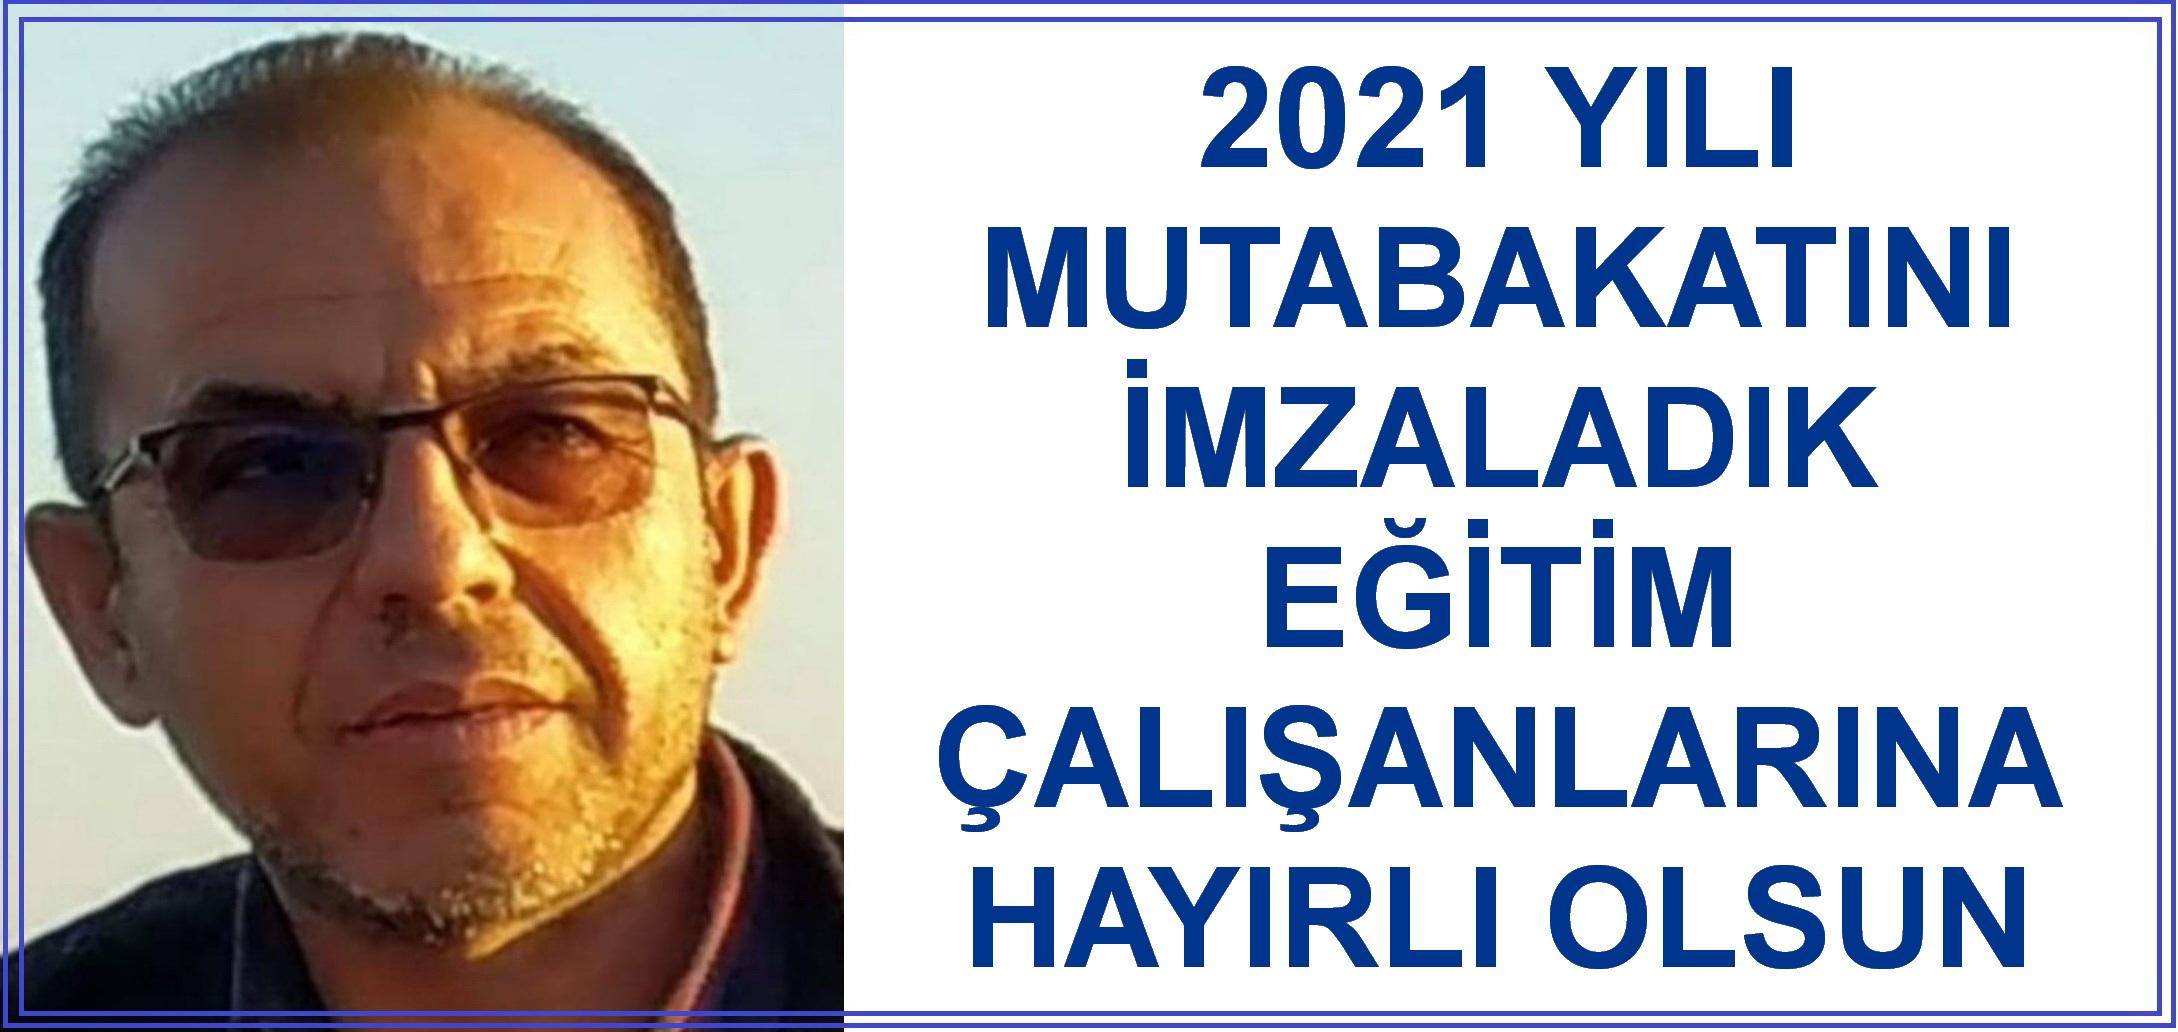 2020-2021 BAHÇE BASIN AÇIKLAMASI 2